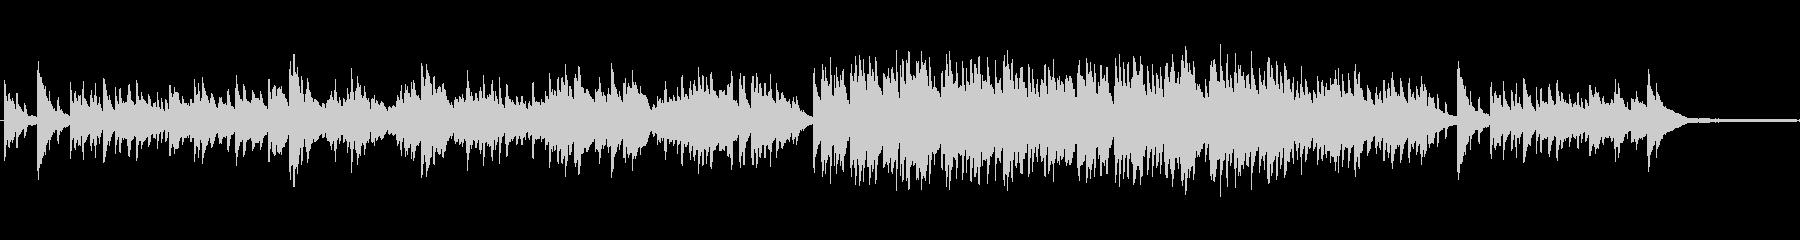 ポップスのバラード風ピアノインの未再生の波形